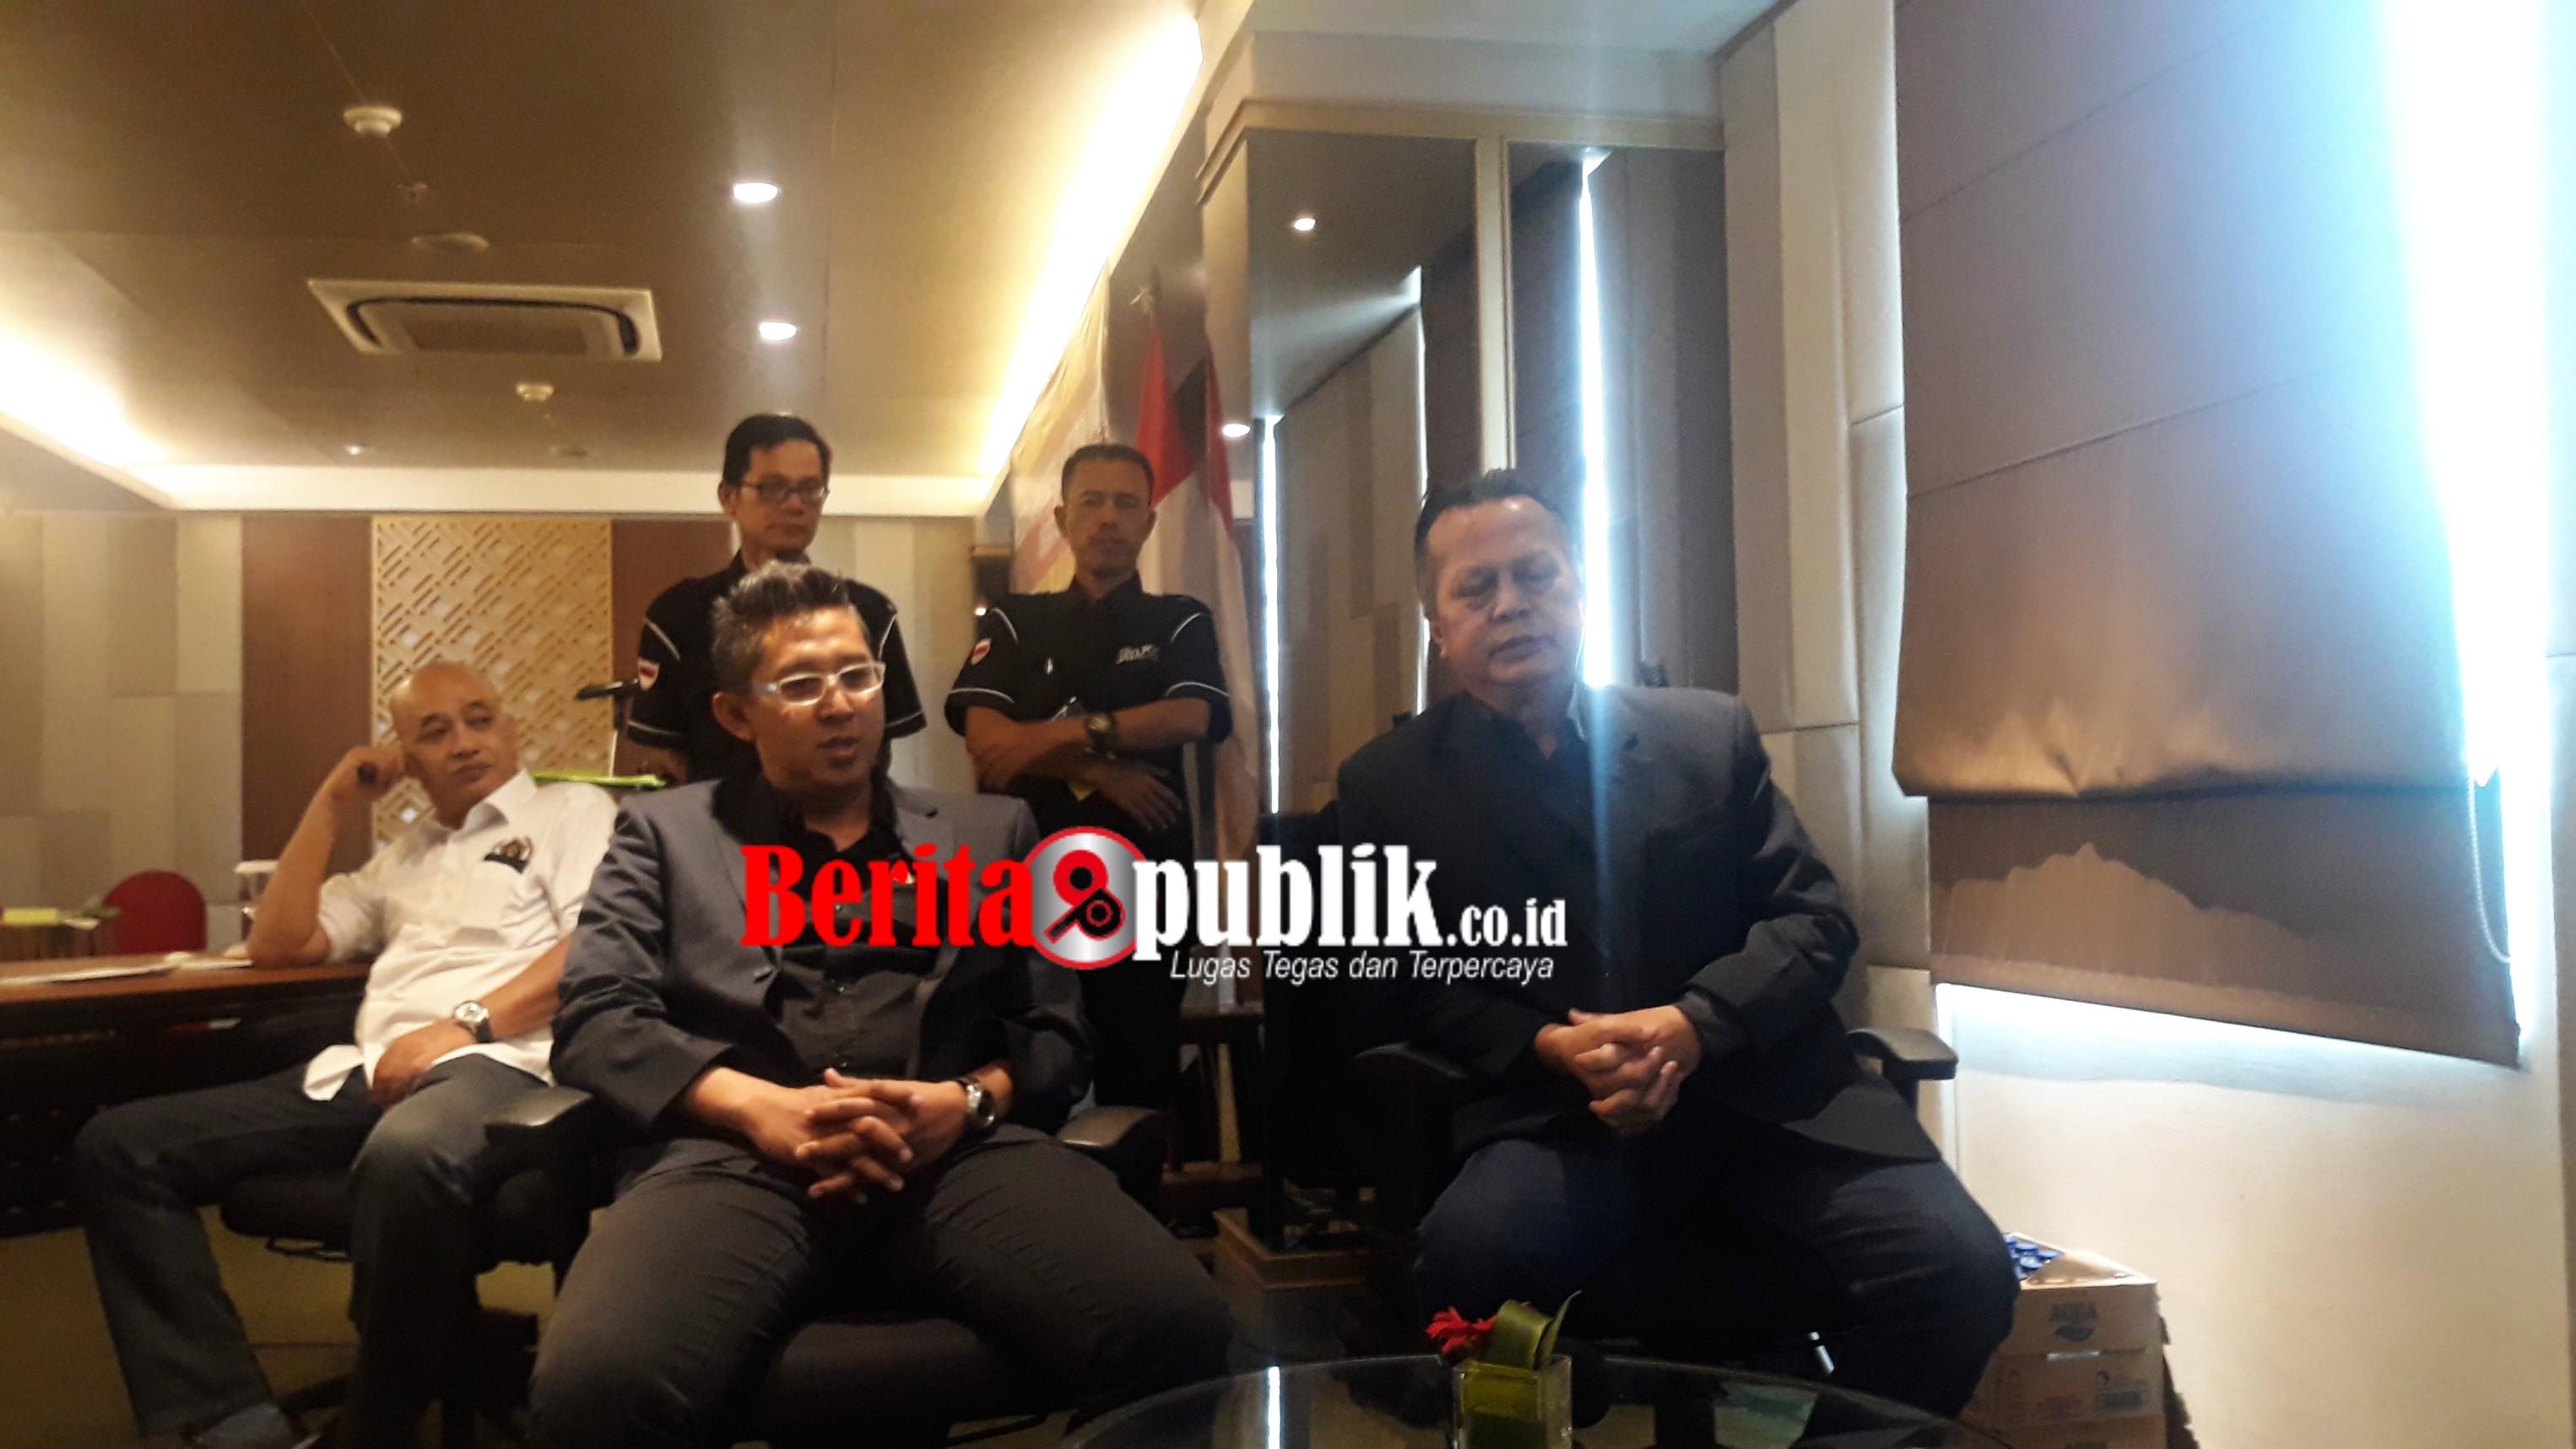 Pengamat Politik, Tubagus Adi menggelar Konfrensi Pers di Hotel Park